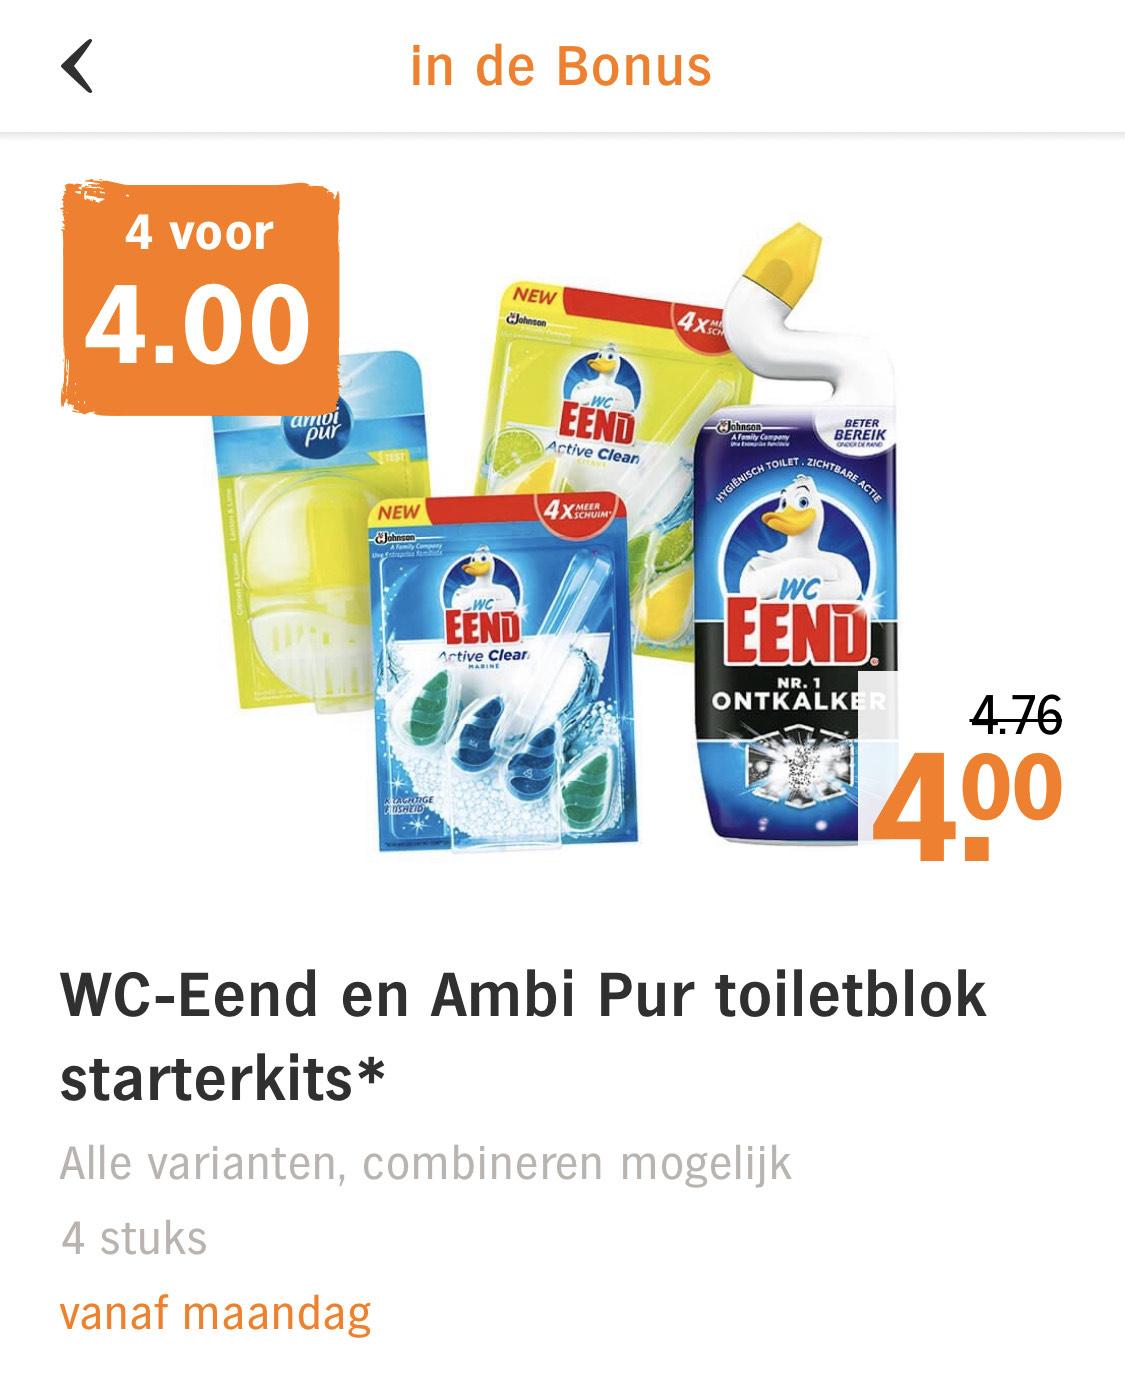 AH.nl: WC-Eend tot 66% korting - 4 voor 4€